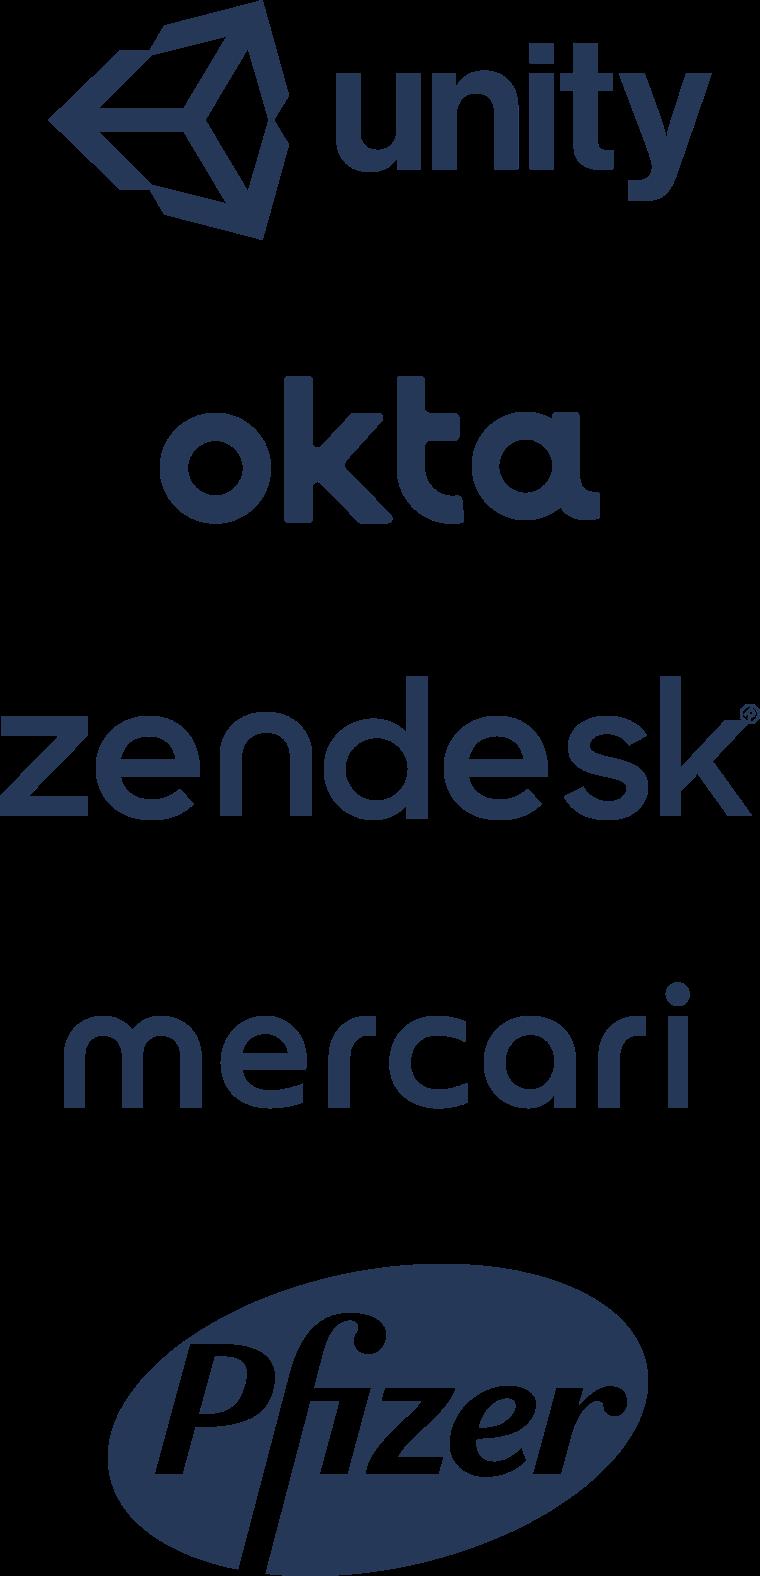 Unity、Okta、Zendesk、Mercari、Pfizer のロゴ